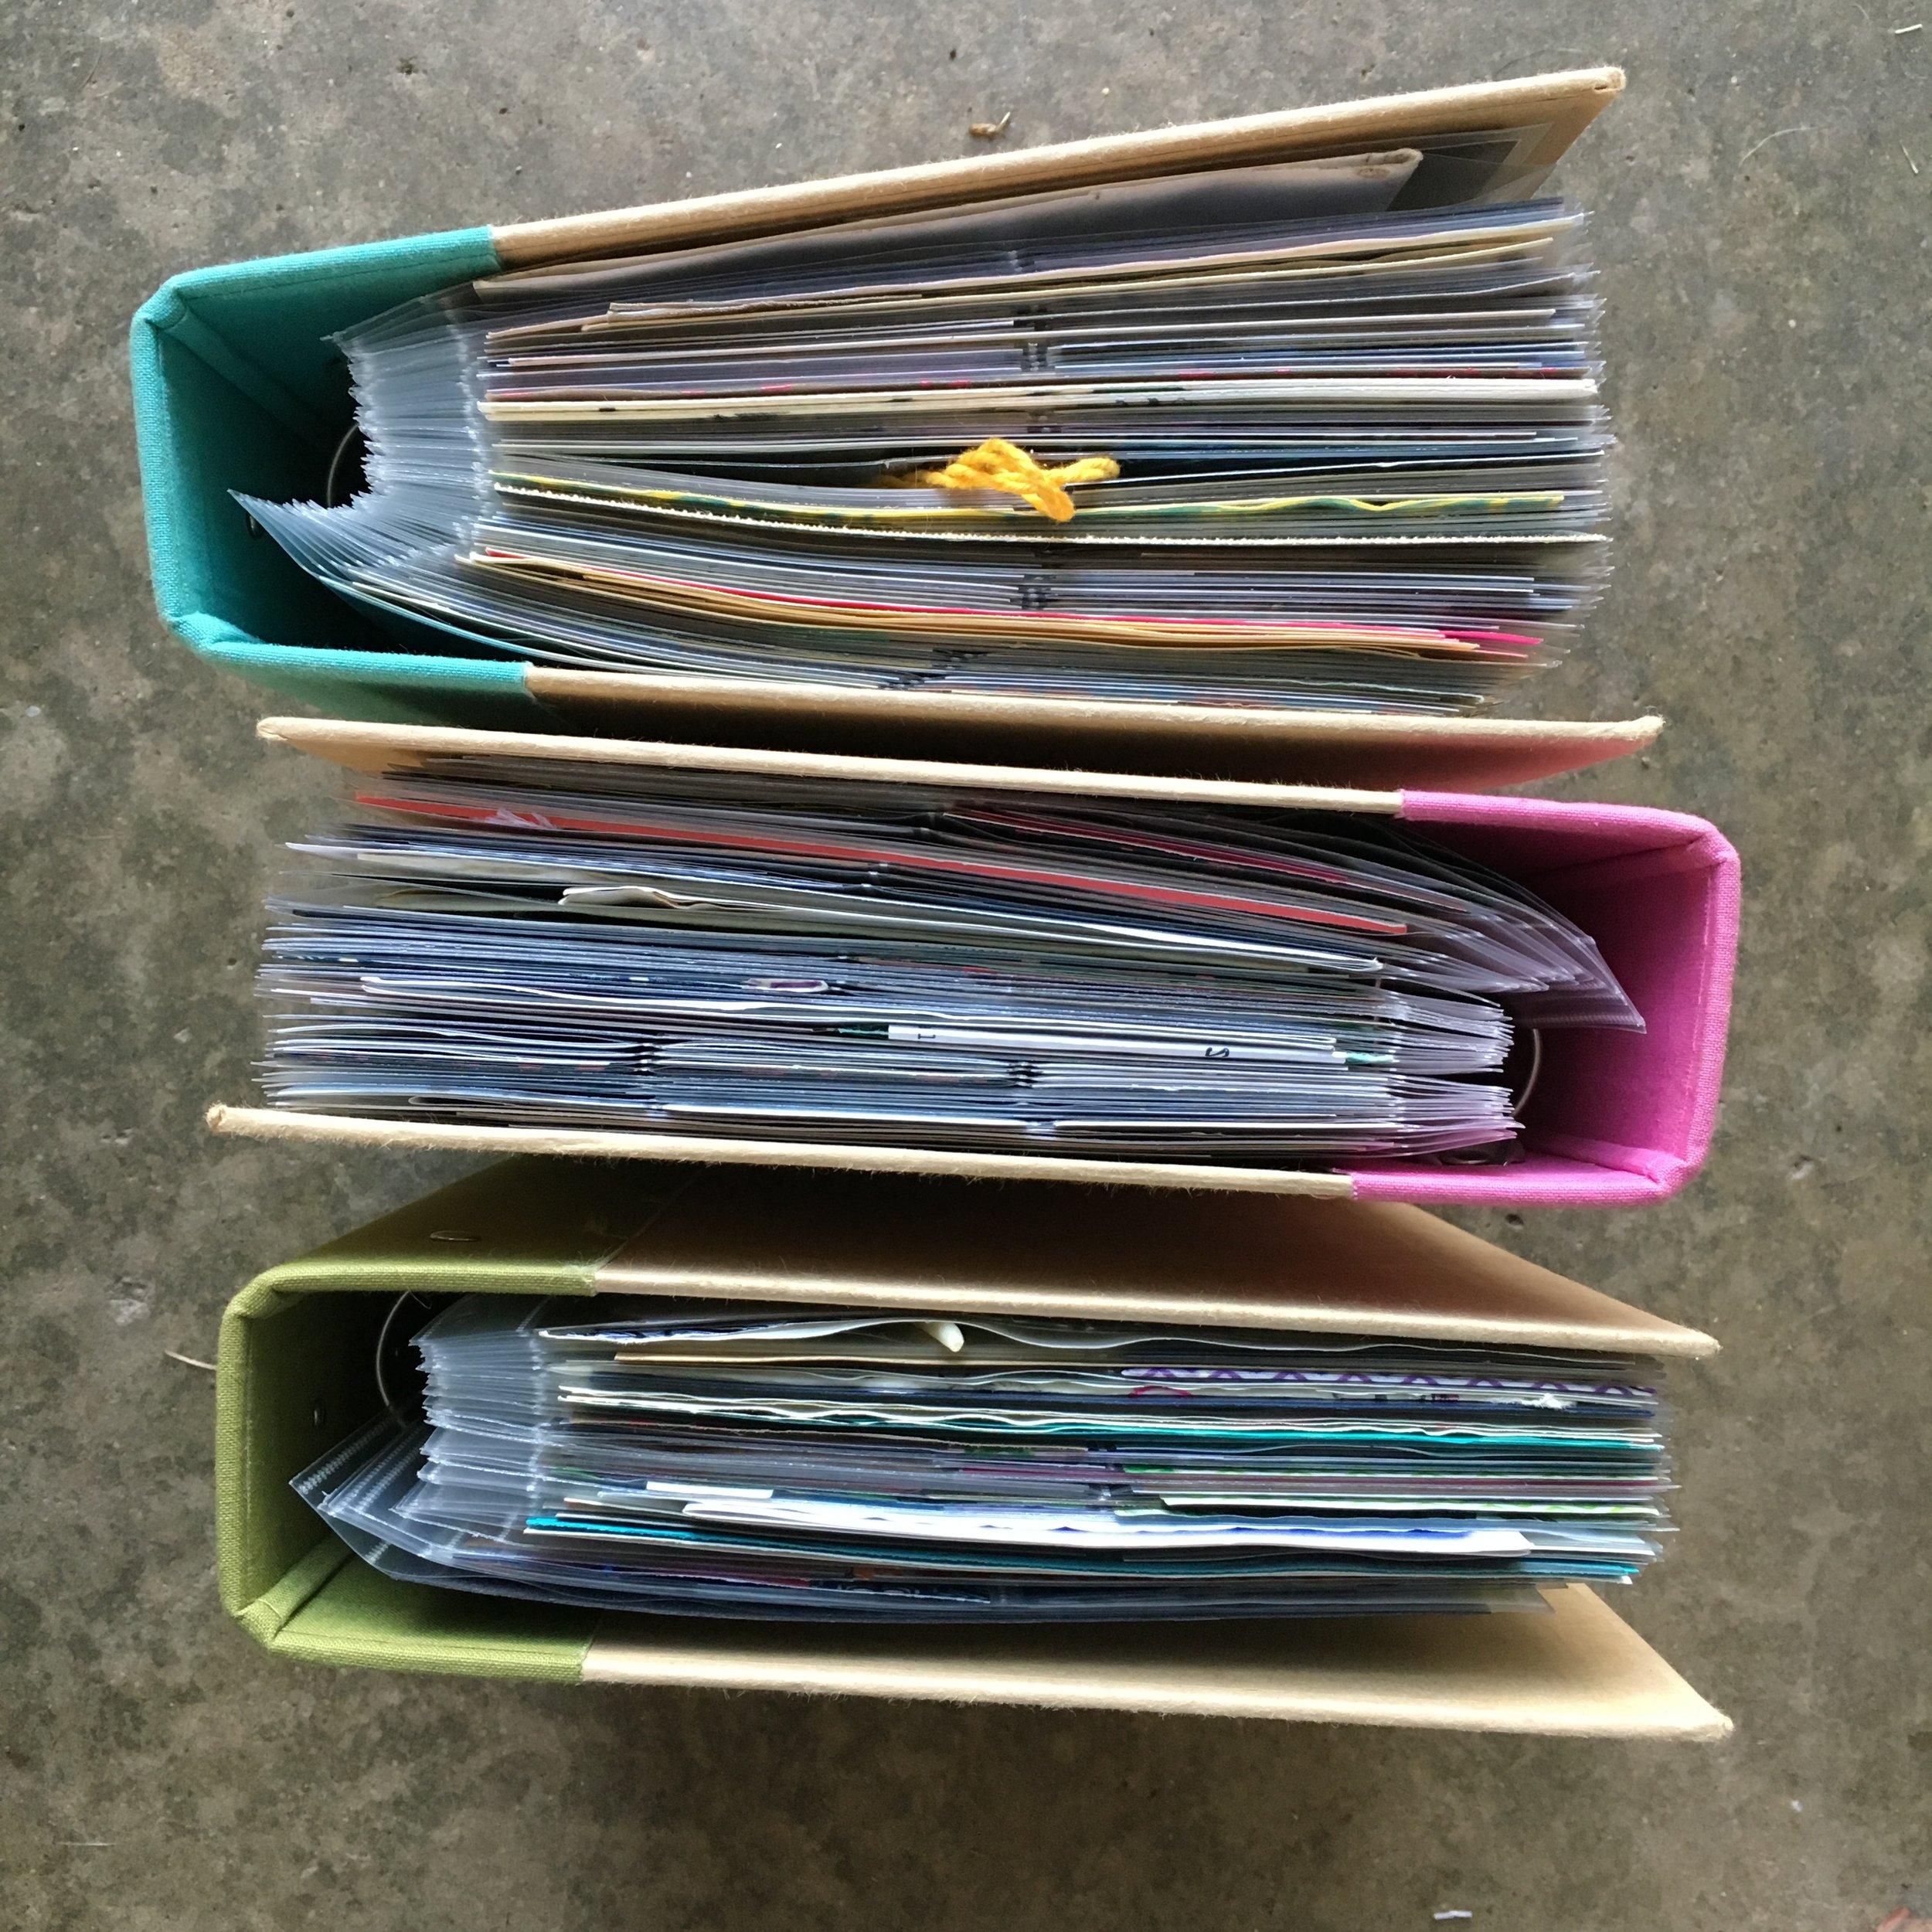 Three years of scrapbooks.